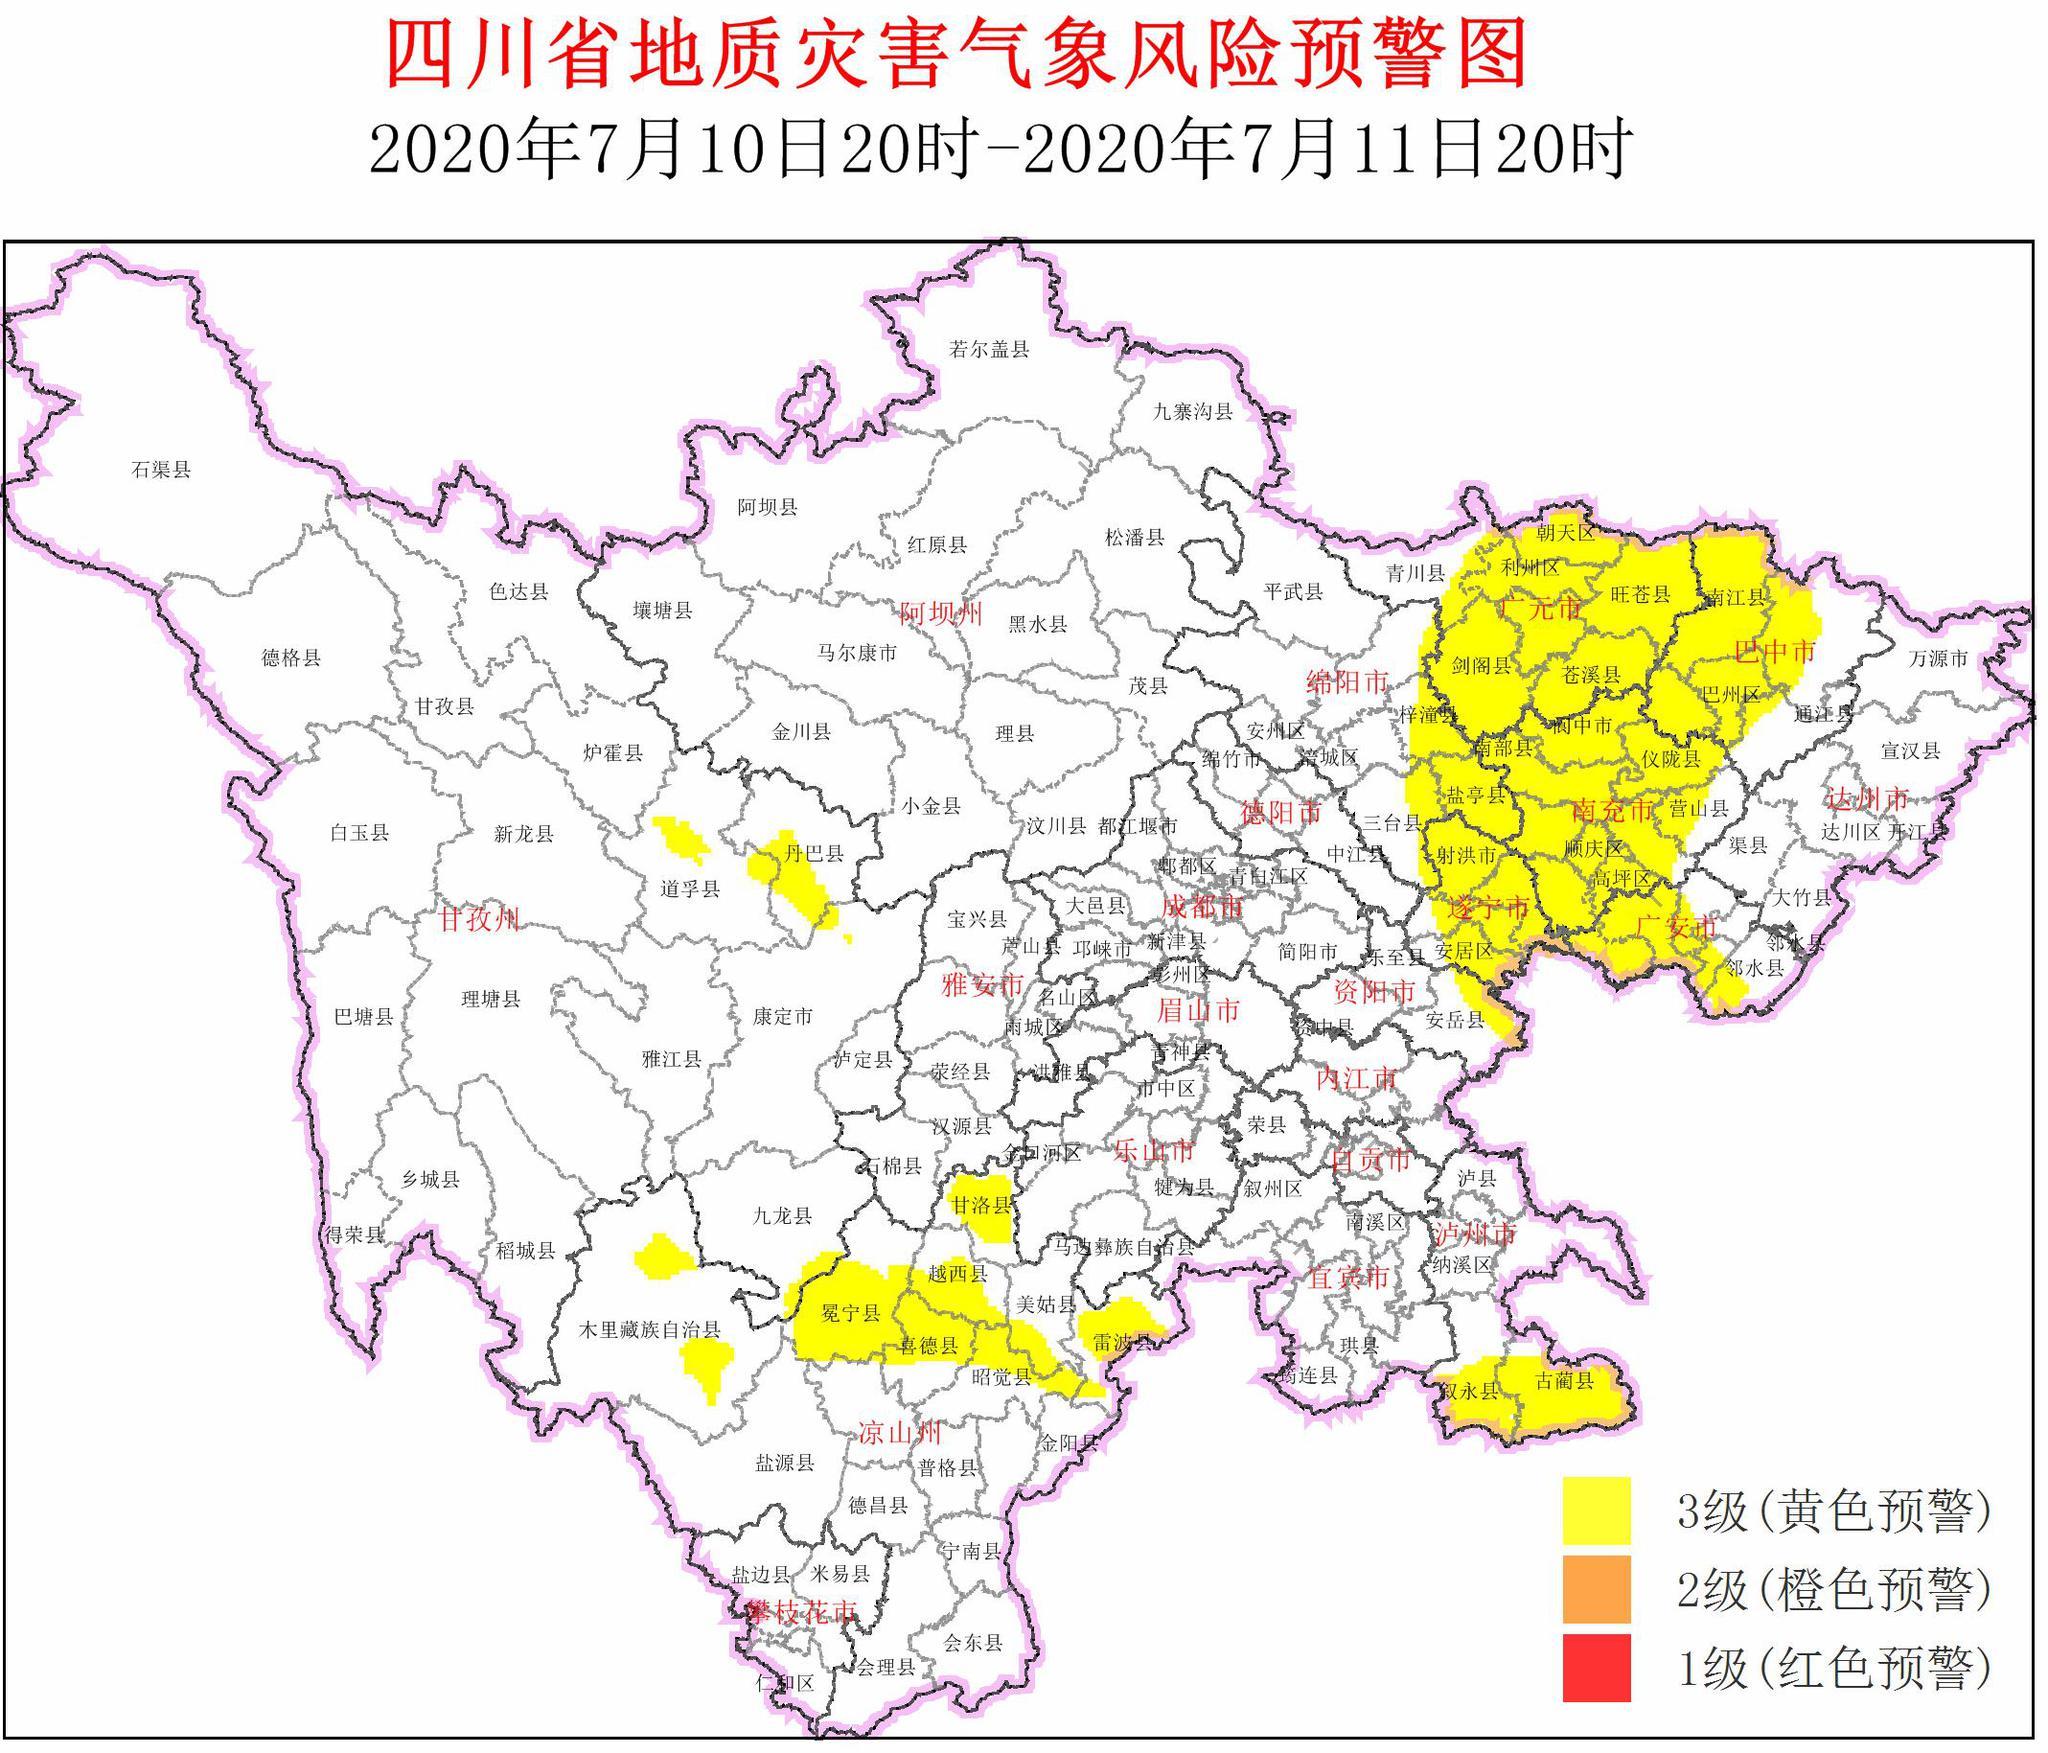 「天富」雨仍持续四川多地亮起地灾天富黄色图片